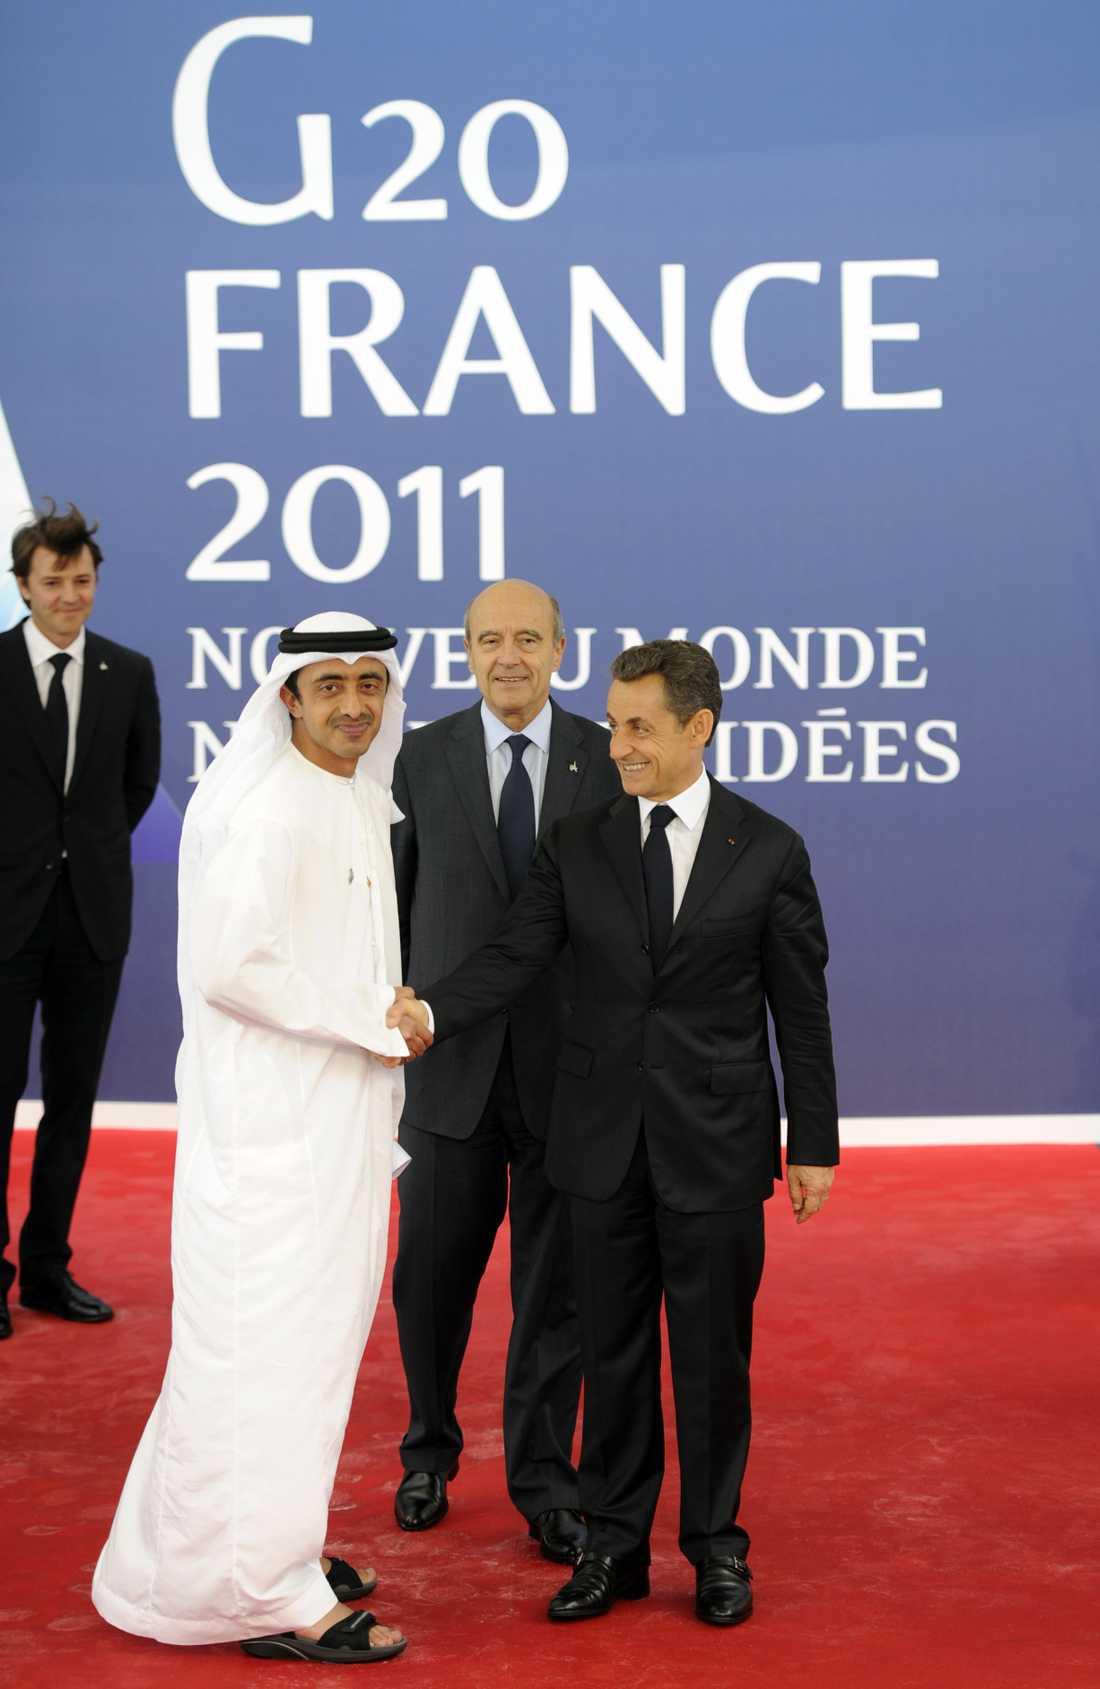 Nicolas Sarkozy välkomnar Förenade arabemirantens utrikesminister Abdullah bin Zayed Al Nahyan.